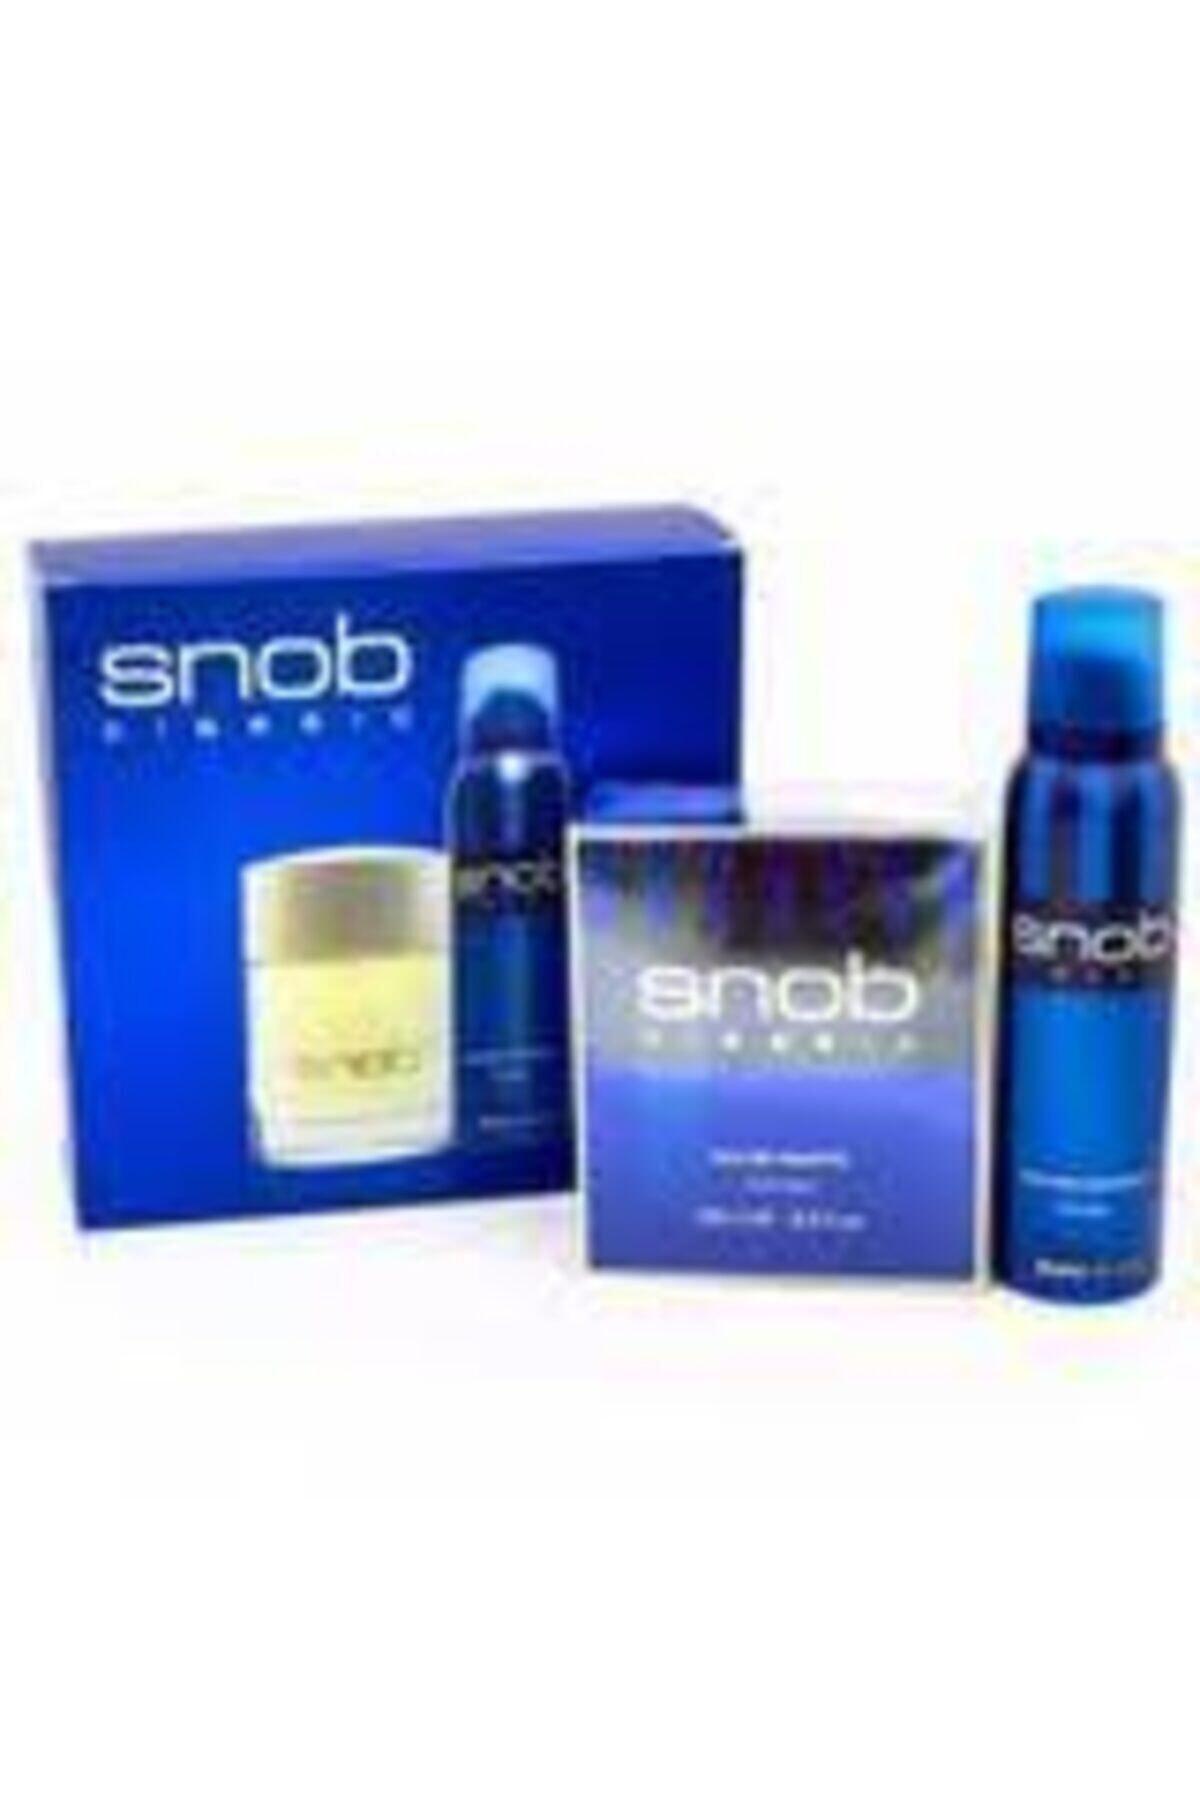 Snob Orıjınal Snop Classic Edt Erkek Parfümü 100 Ml +snop Deodorant 150 Ml 1